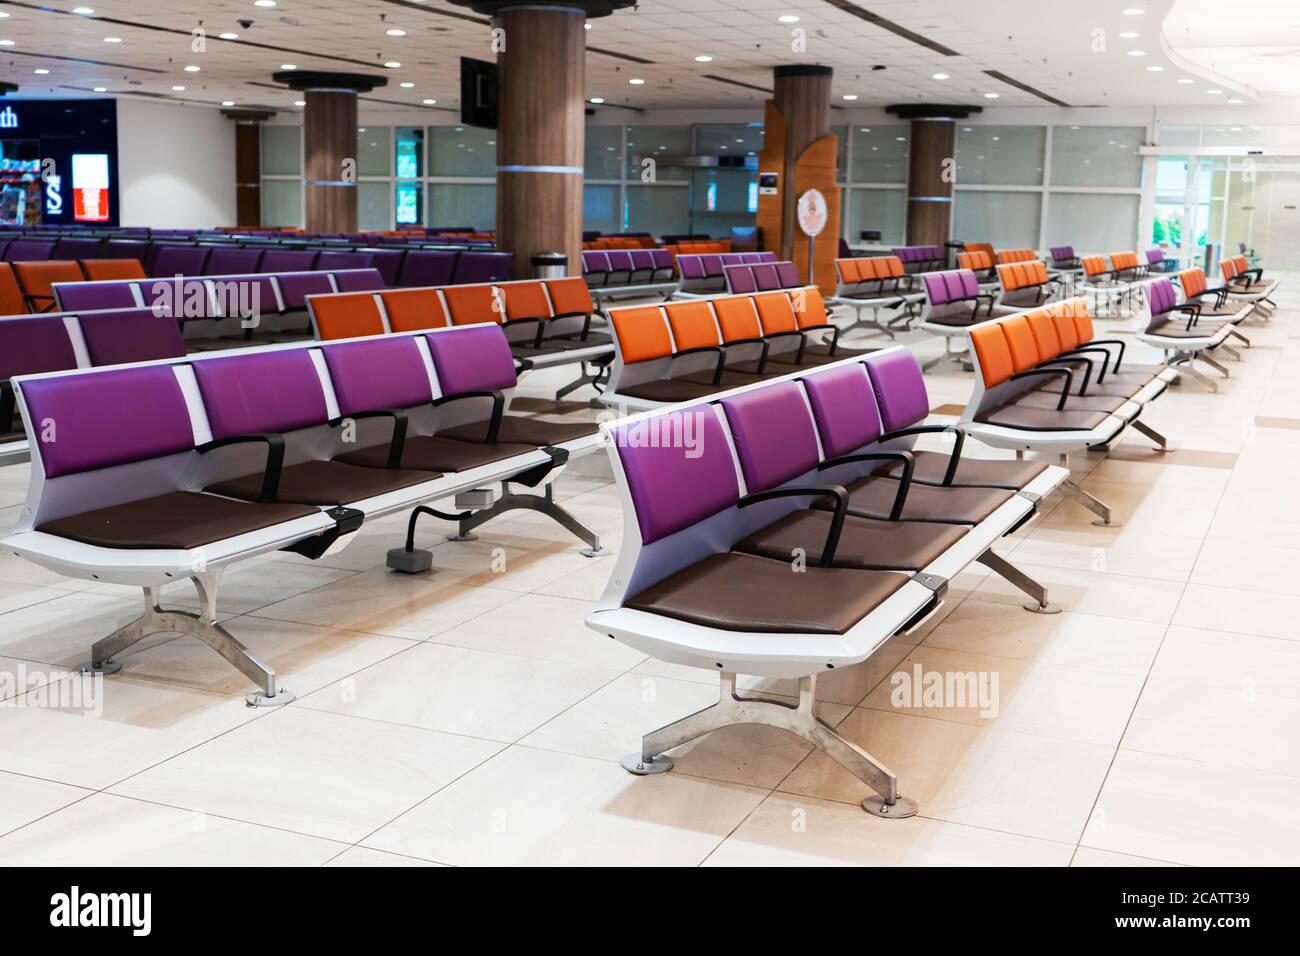 Vaciar el edificio del aeropuerto internacional durante una pandemia. Filas de asientos vacías en la sala del aeropuerto Foto de stock